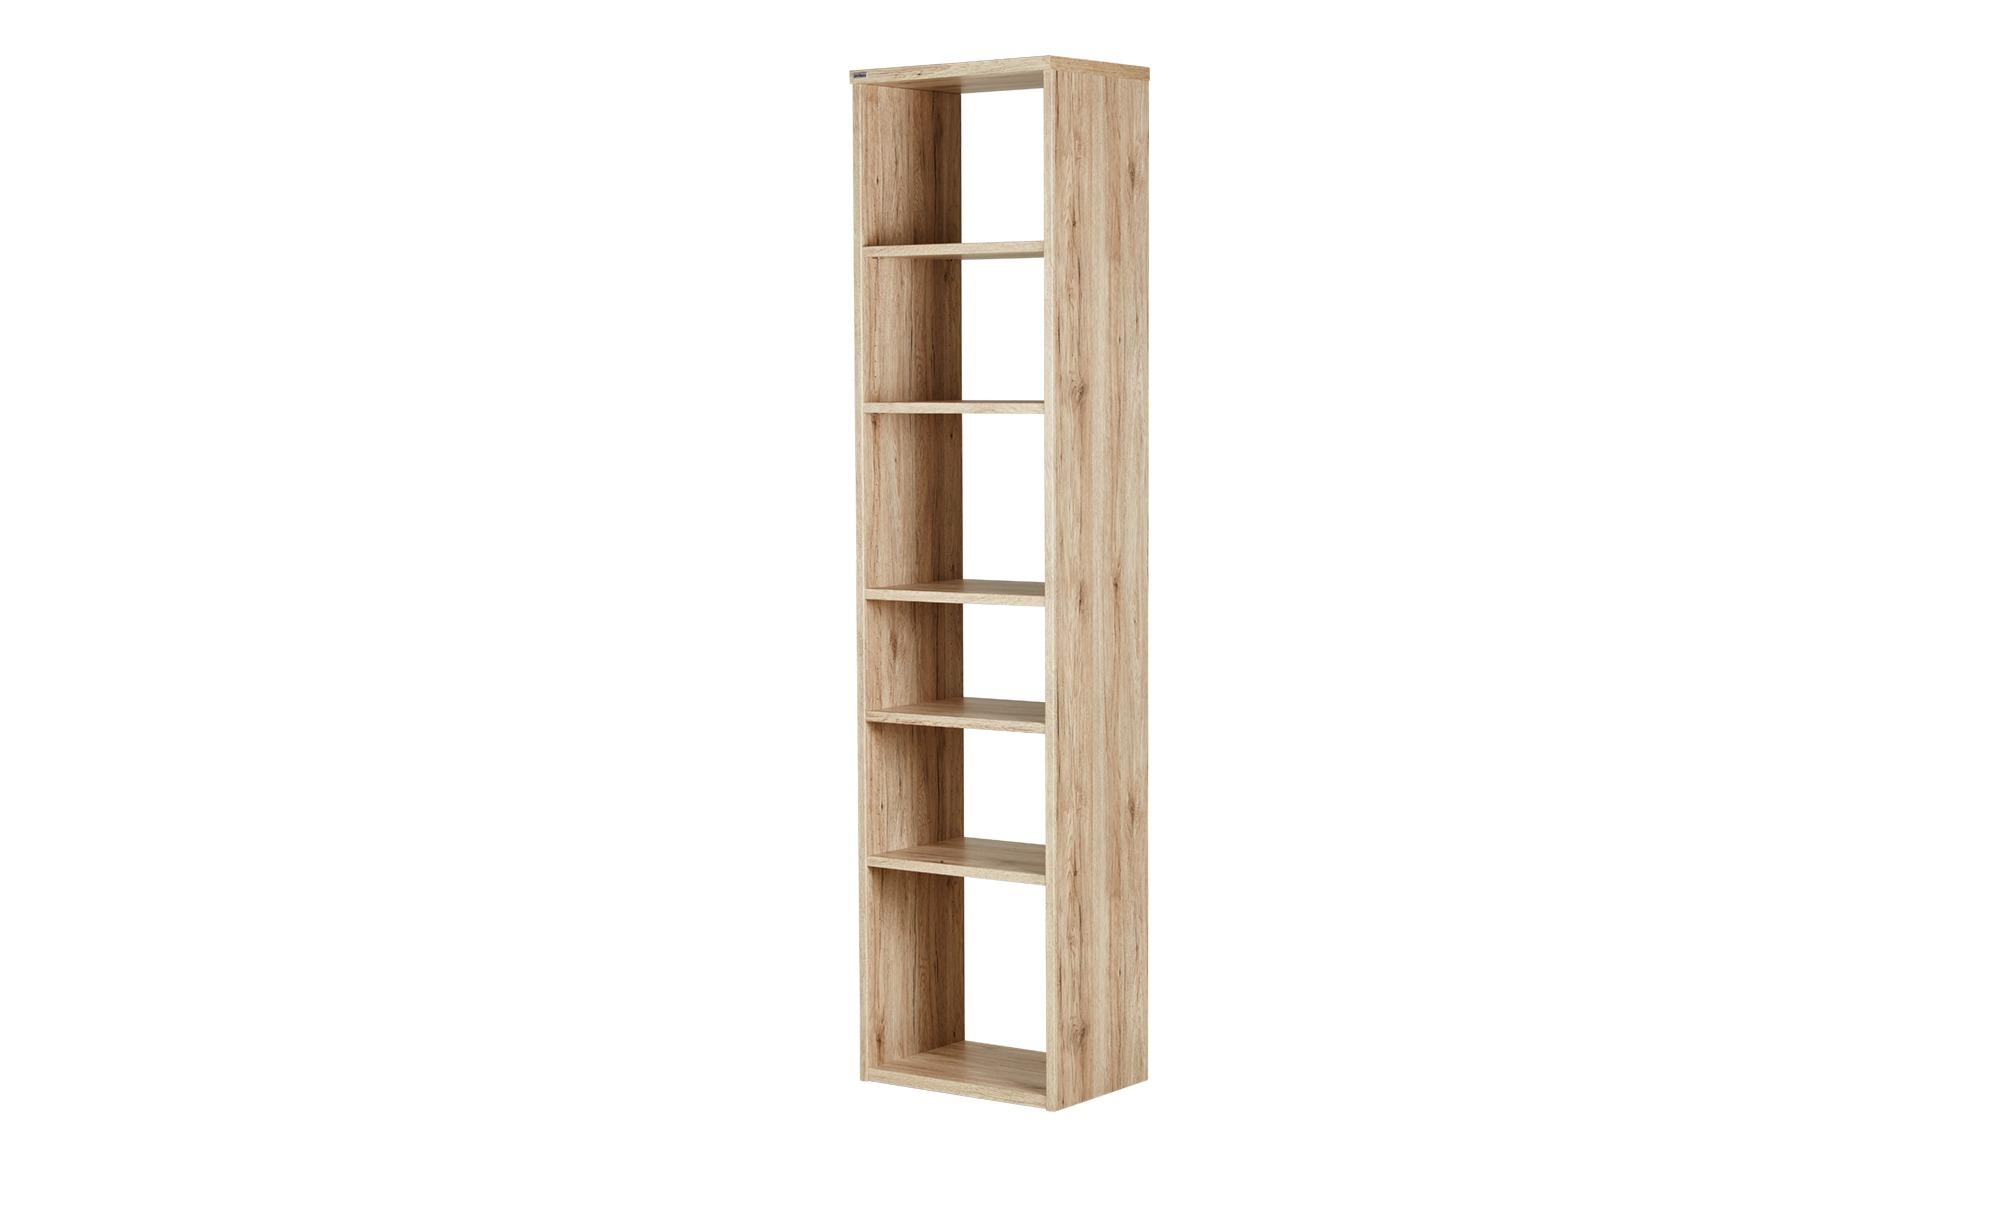 Standregal - holzfarben - 50,5 cm - 211 cm - 35,5 cm - Regale > Bücherregale - Möbel Kraft   Wohnzimmer > Regale > Einzelregale   Sconto